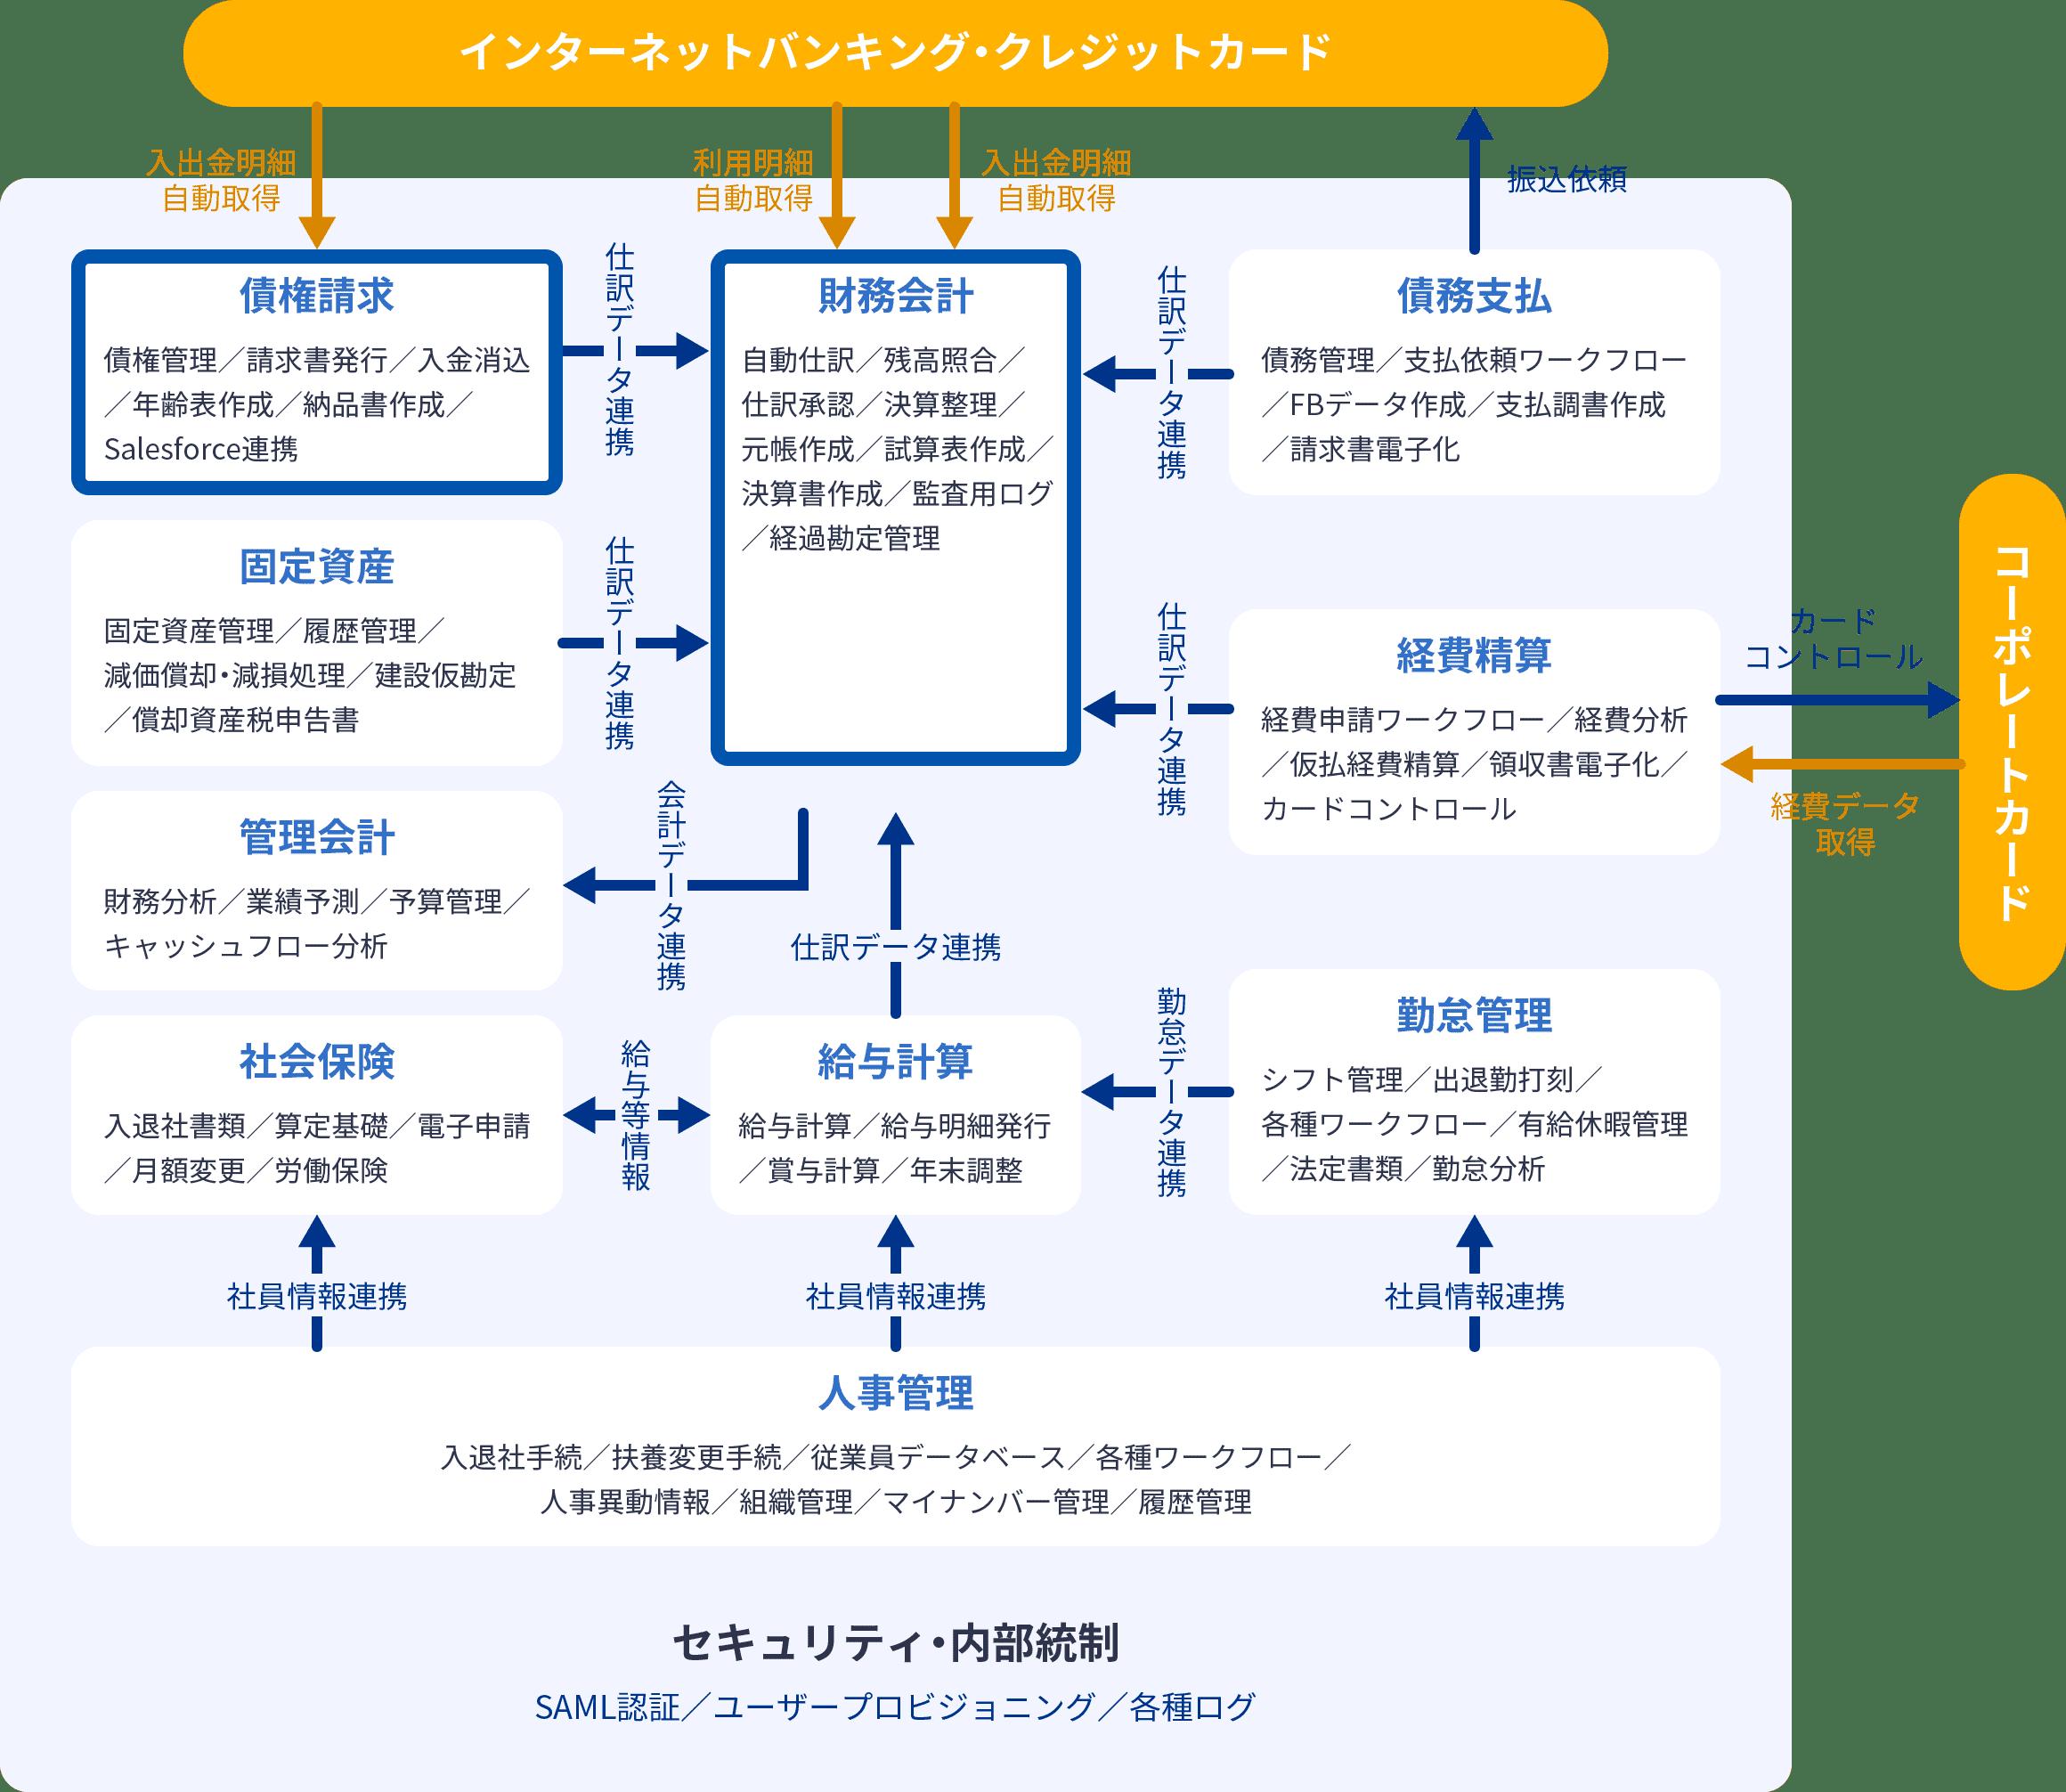 マネーフォワード クラウド債権請求のサービス連携図